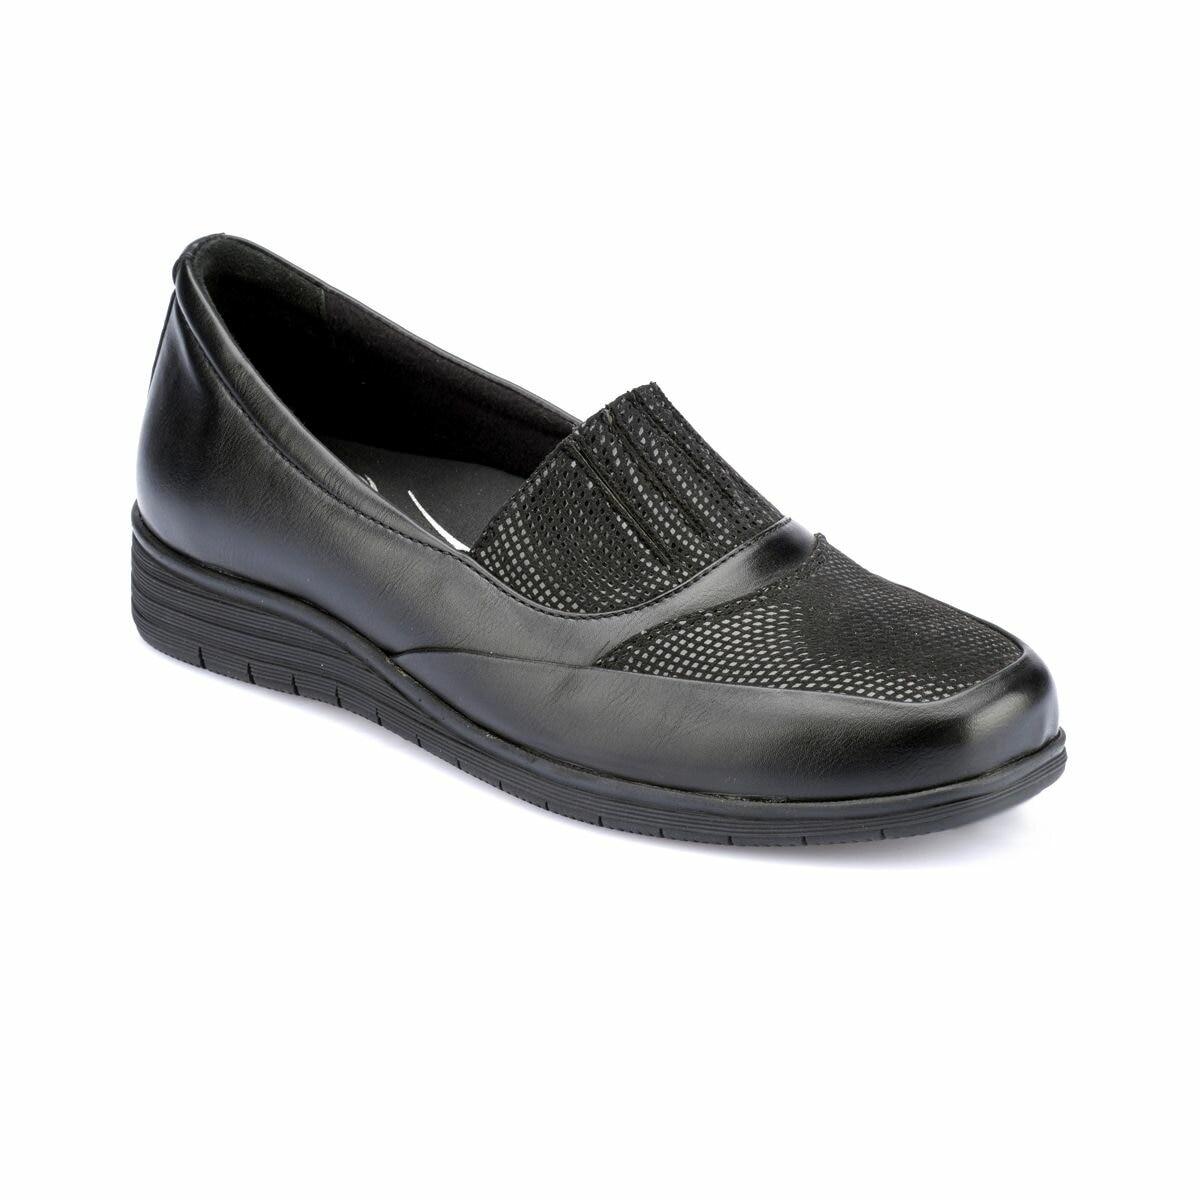 FLO 82.100176SZ Black Women Shoes Polaris 5 Point